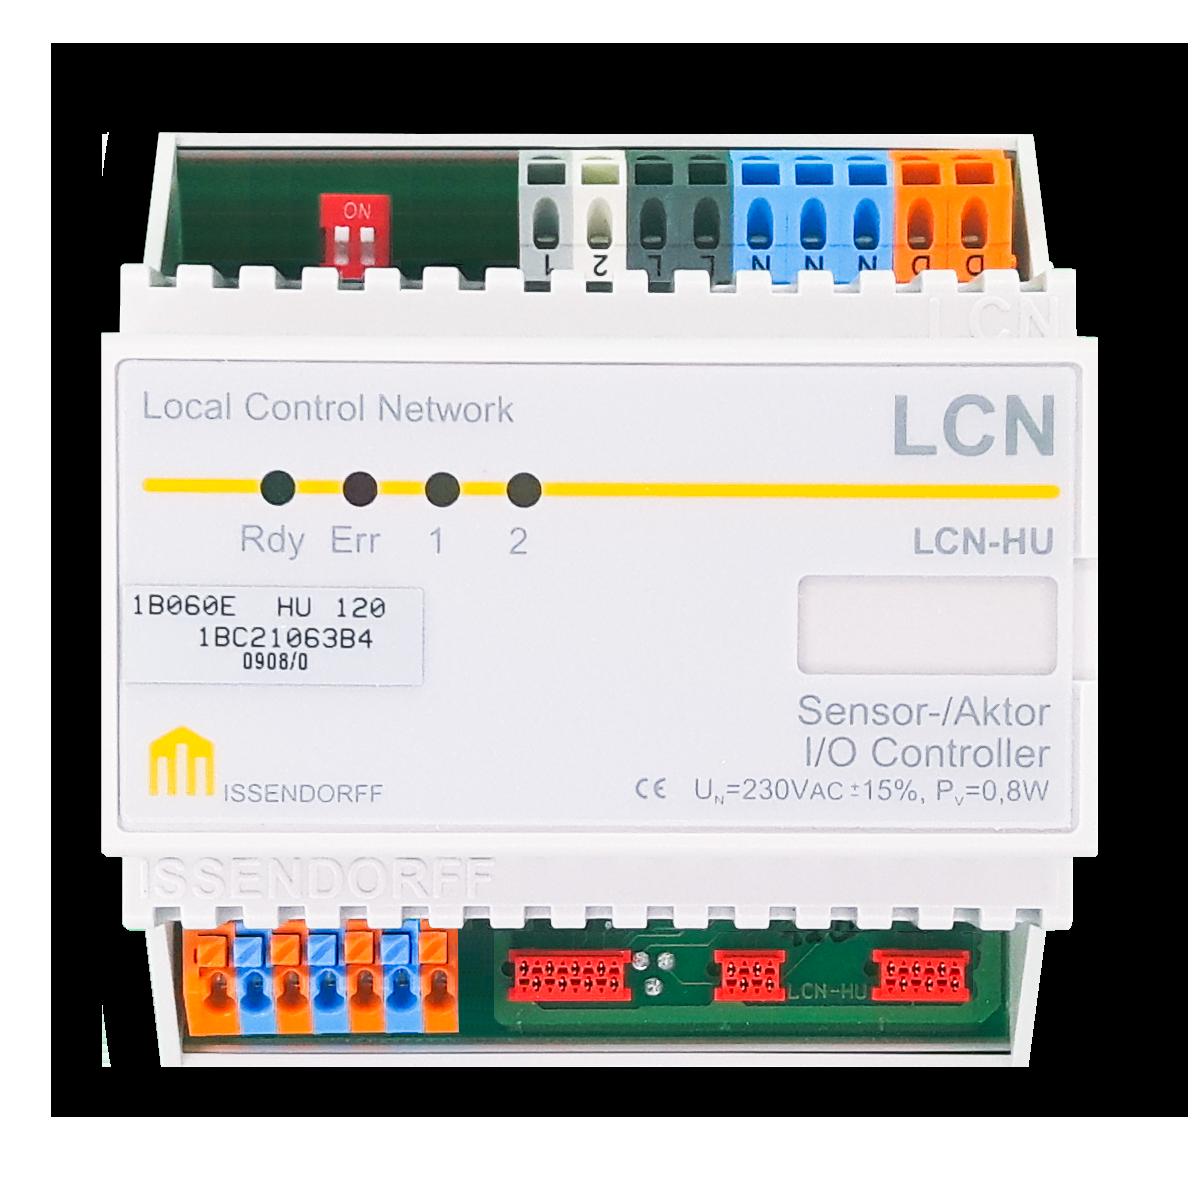 LCN-HU